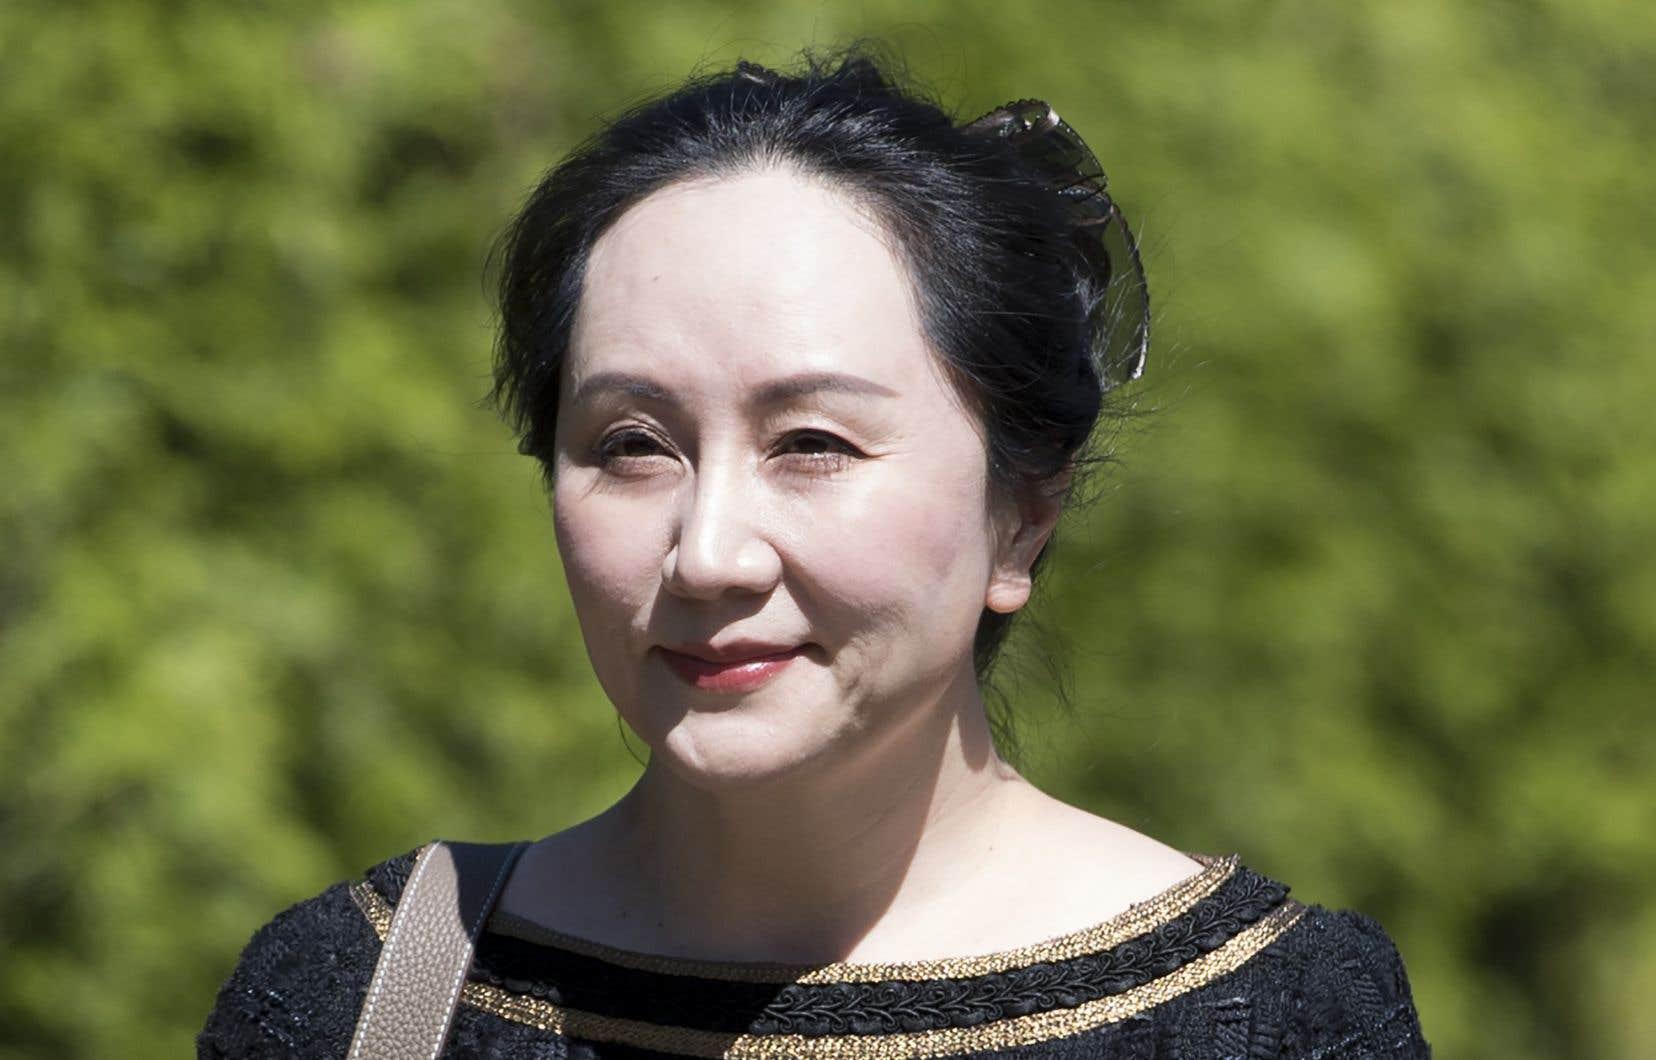 Meng Wanzhou, directrice financière de Huawei Technologies et fille de son fondateur, est accusée d'avoir menti à des banques à Hong Kong au sujet des relations de Huawei avec l'Iran, en violation possible des sanctions américaines.